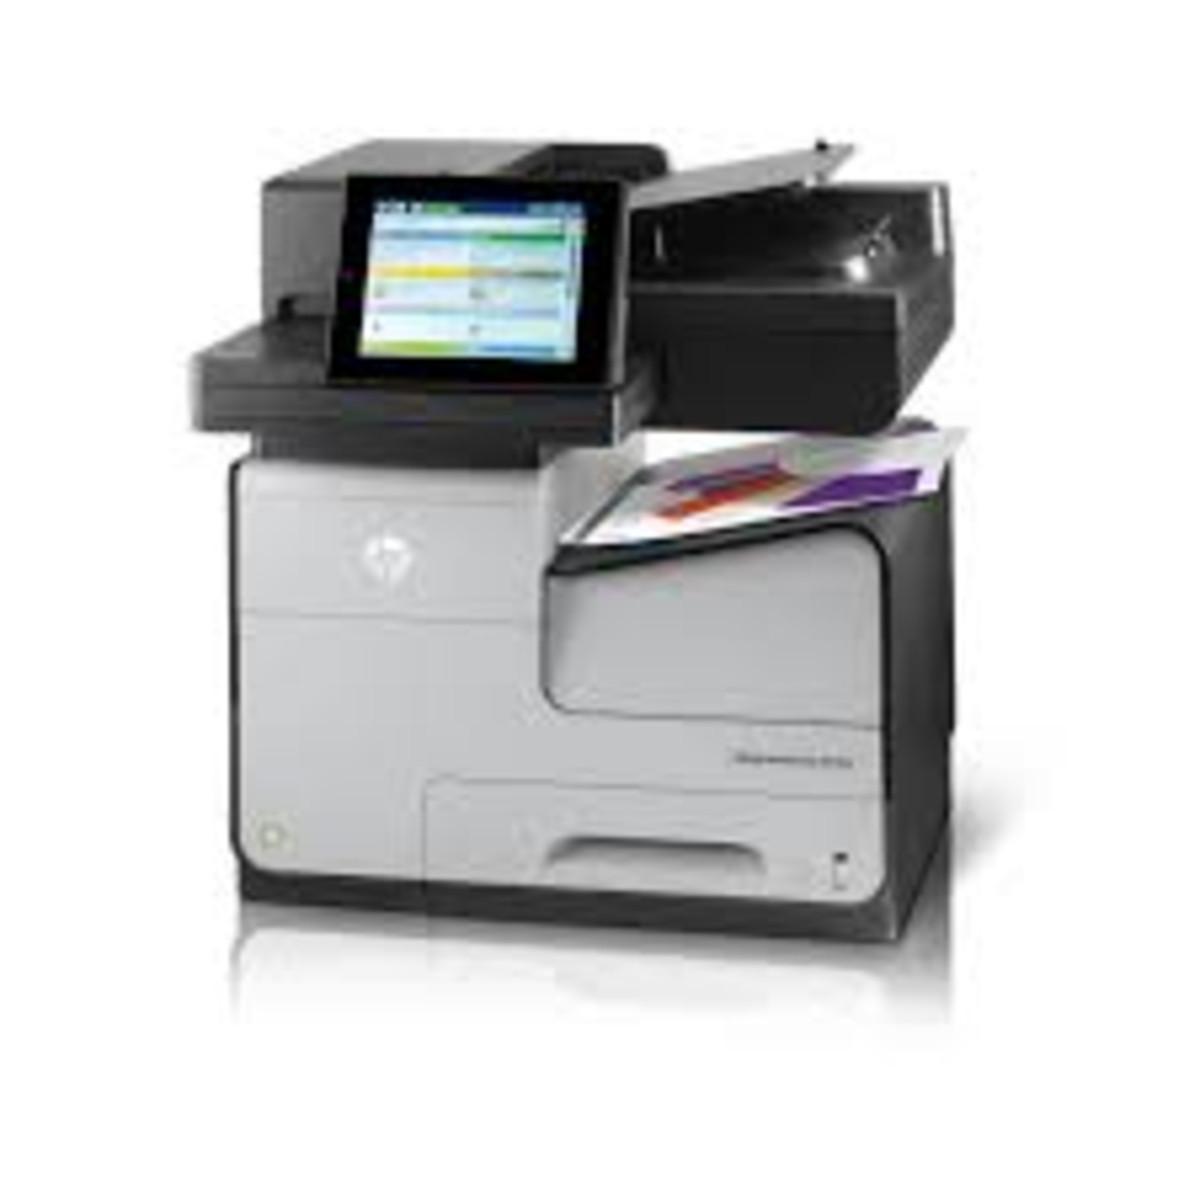 HP Officejet Enterprise Colour Flow X585z Multifunction Printer